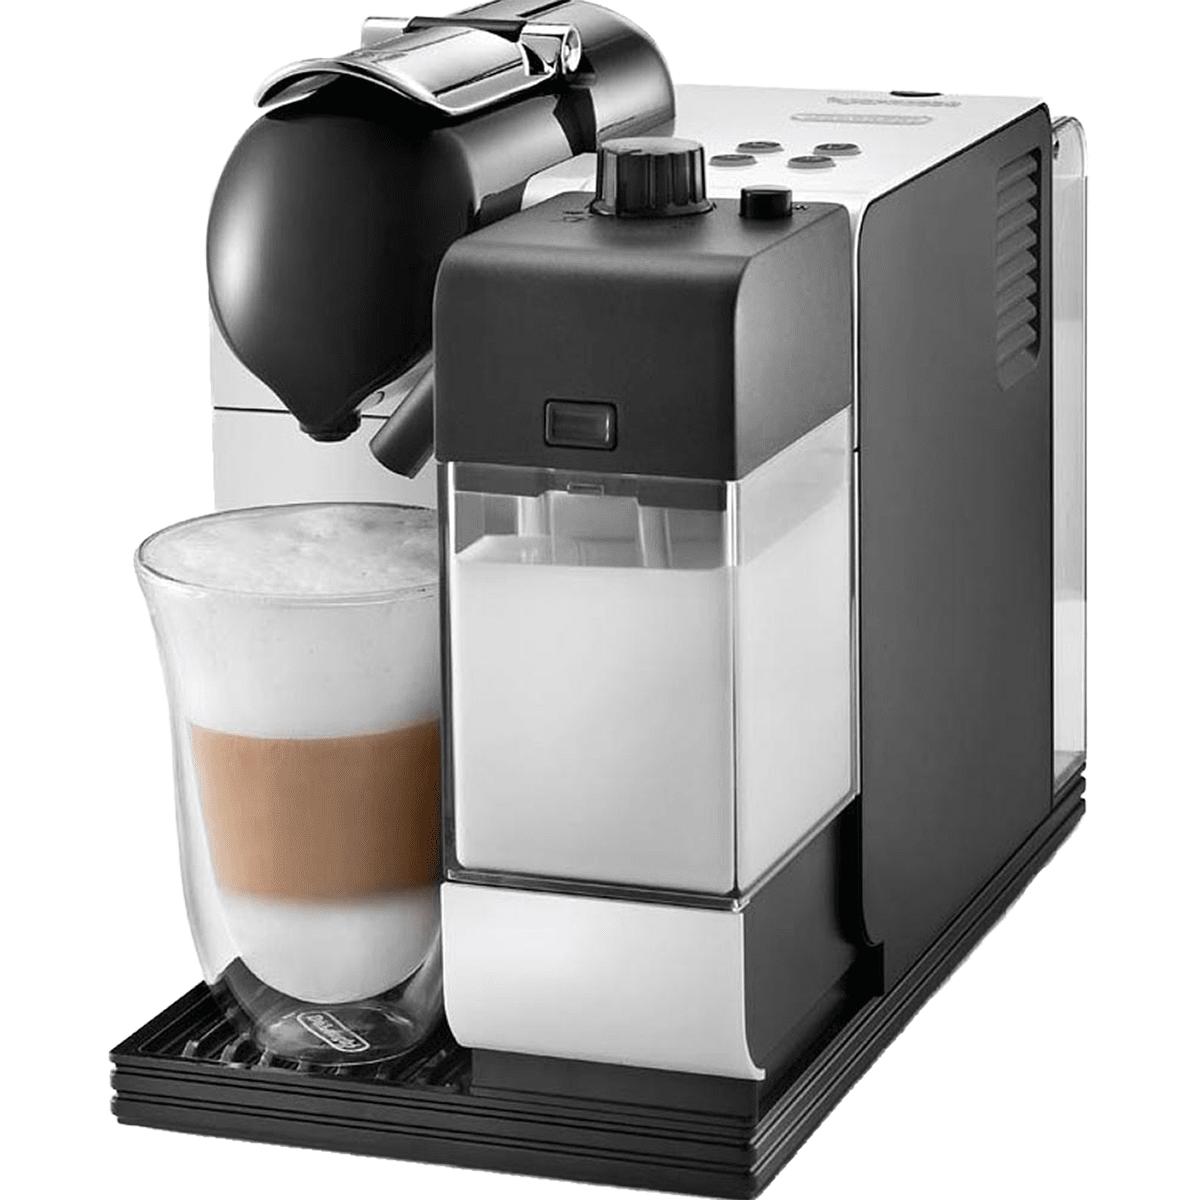 DeLonghi EN520 Lattissima Capsule Espresso Machine White - EN520W